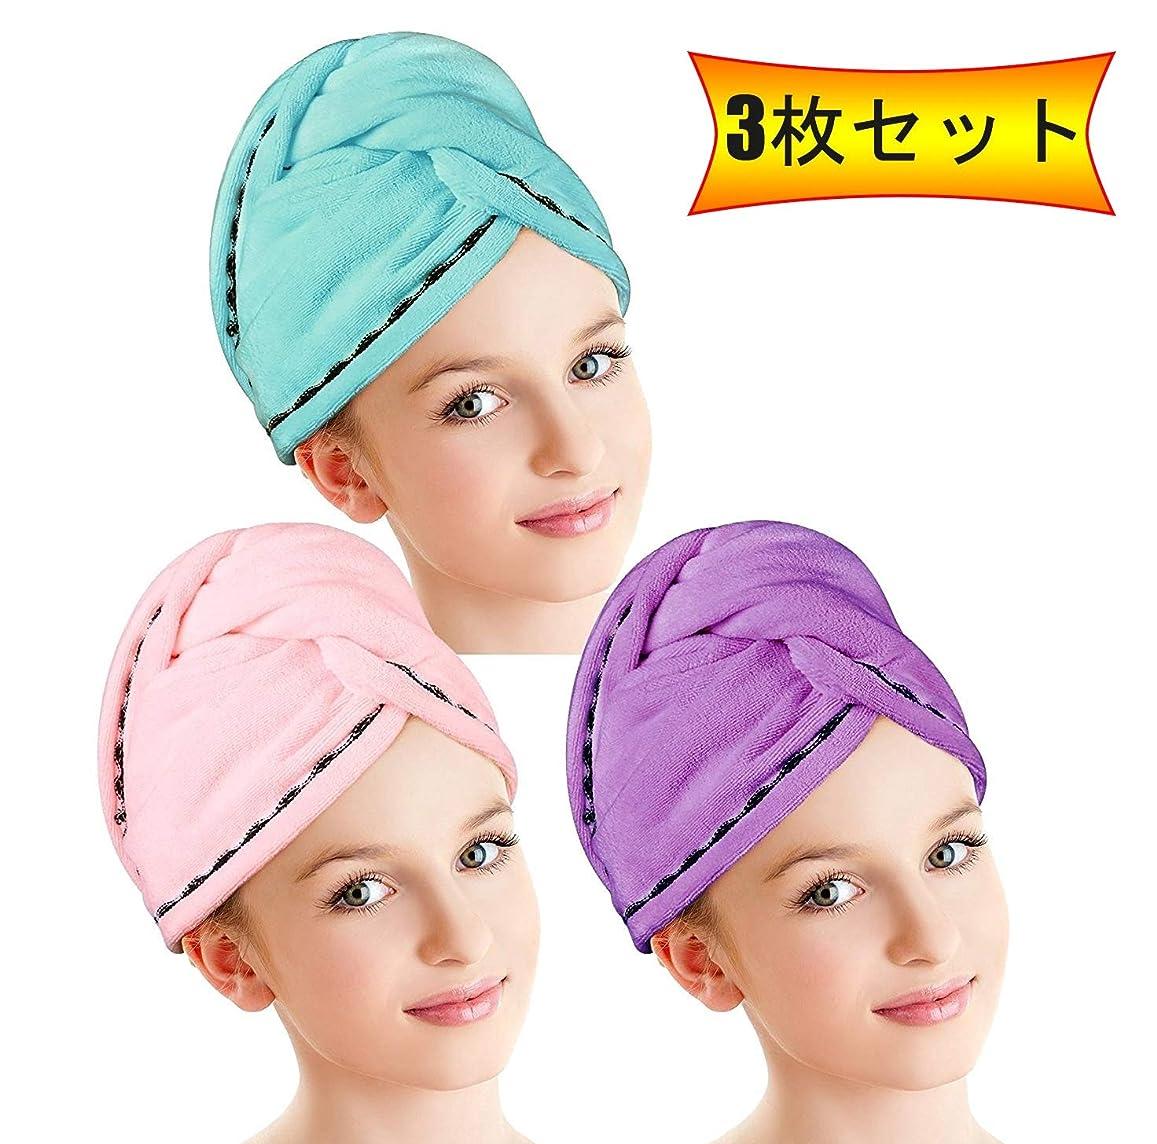 実装する残高自分のためにヘアドライタオル 3枚セット吸水 速乾 髪 タオル 軽量 防滑 シャワーキャップ タオルキャップ ヘアキャップ ふわもこ ドライキャップ ヘアターバン 強い吸水性 お風呂上がり バス用品